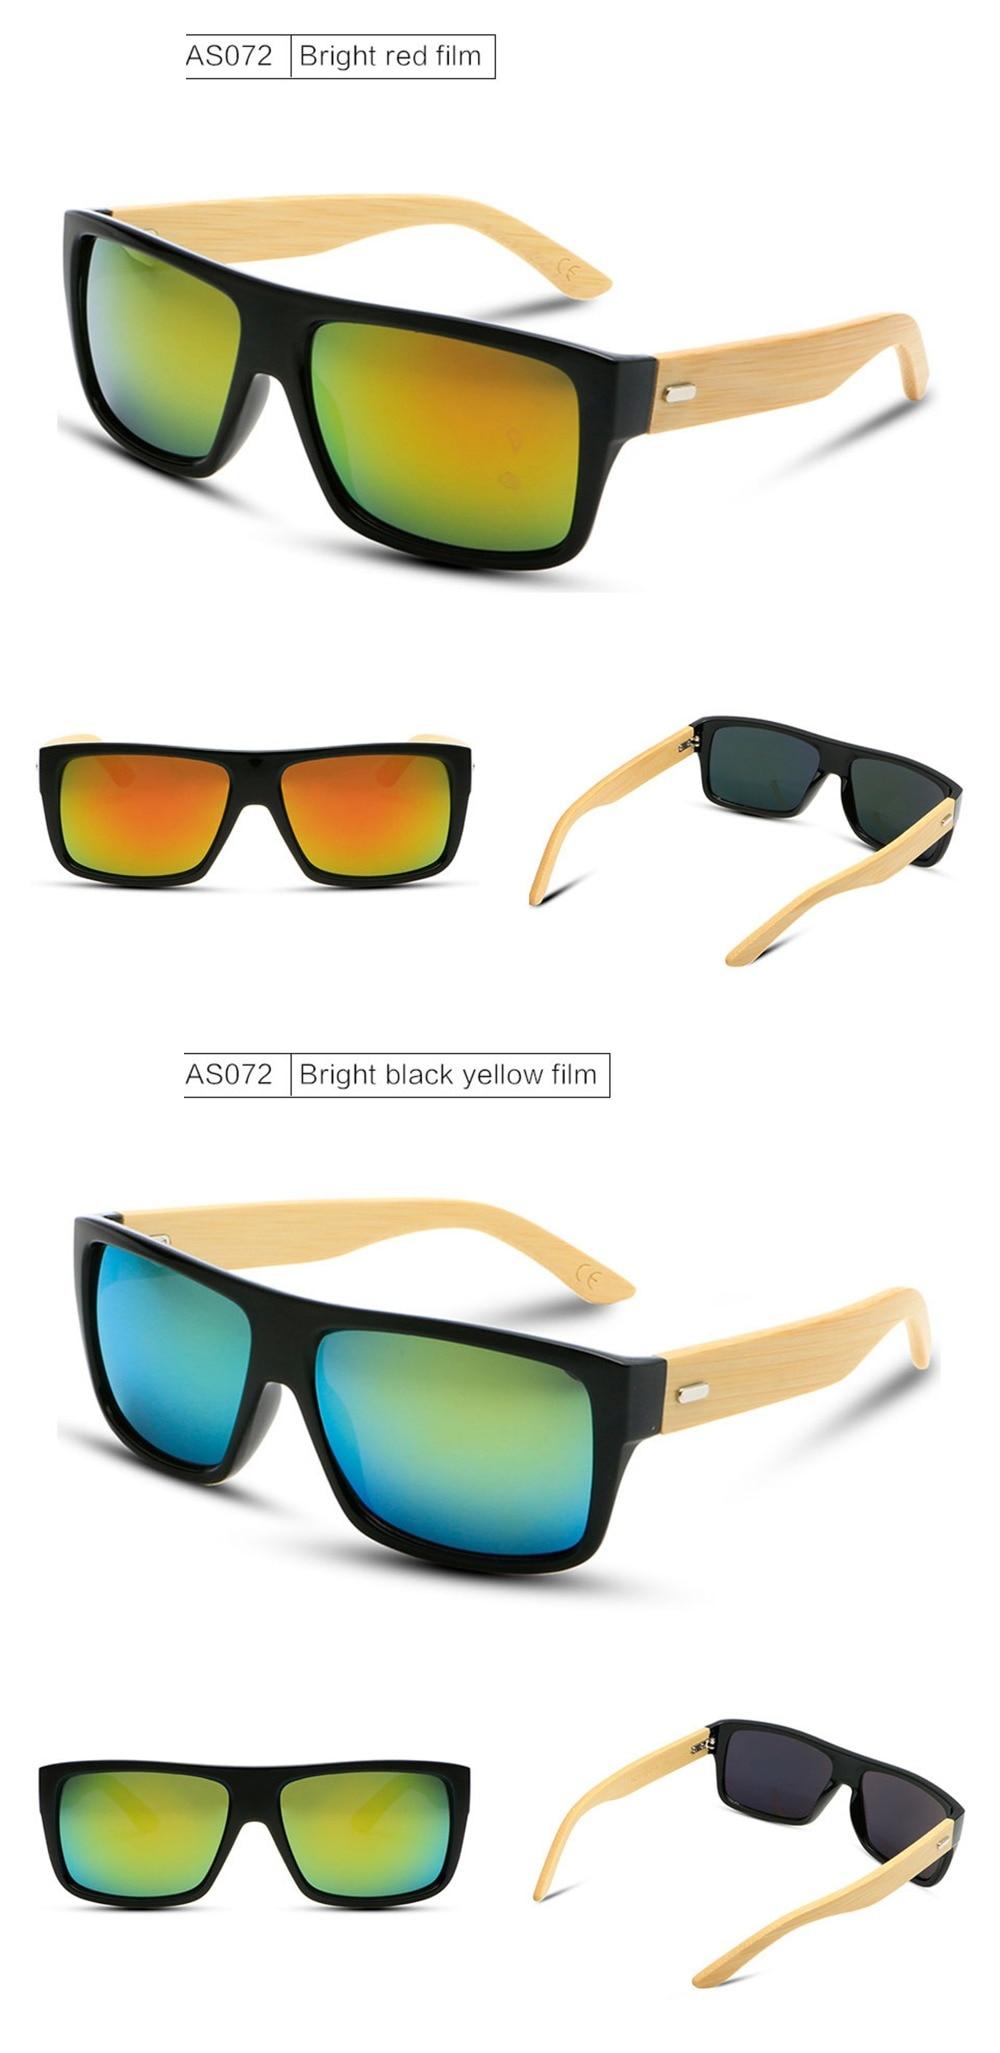 c4ac00048 Maxmessy للجنسين الخيزران نظارات الرجال النظارات النساء العلامة التجارية  مصمم مرآة الخشبية الخشب الأصلي نظارات التنزه نظارات AS072